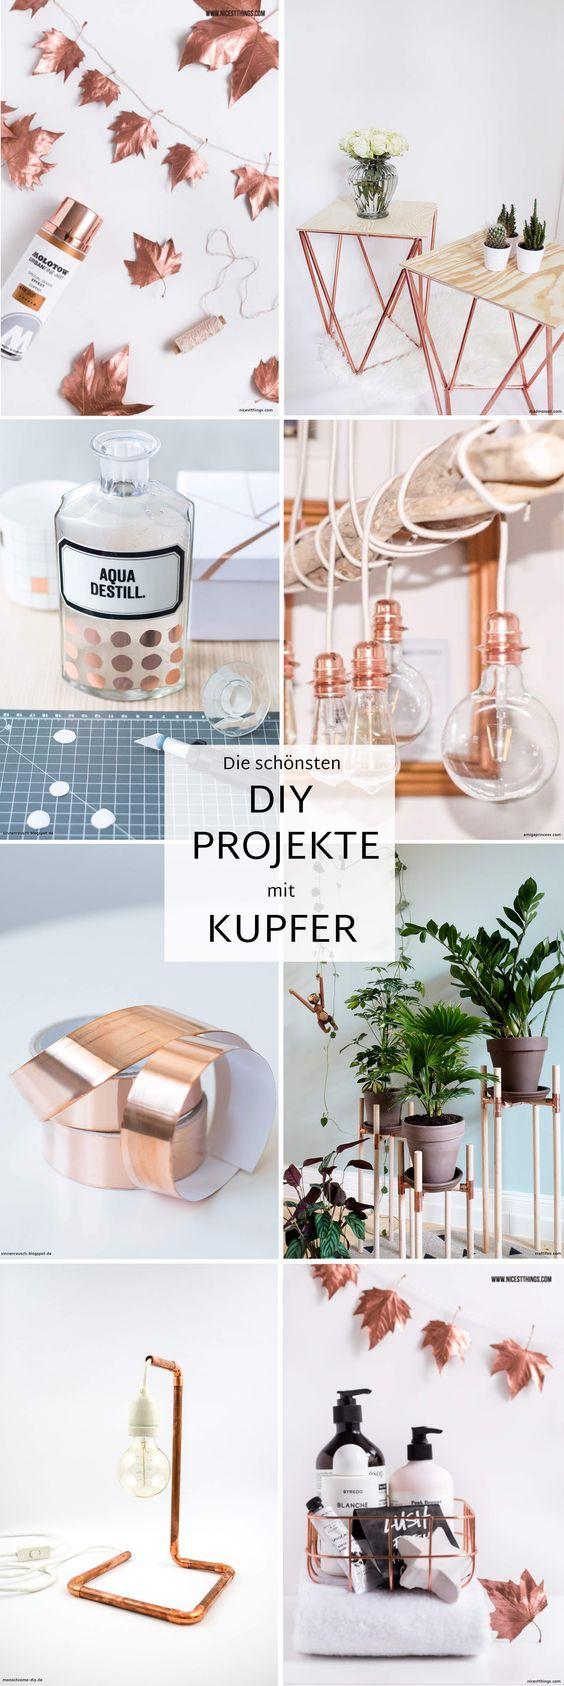 Die schönsten DIY Projekte mit Kupfer